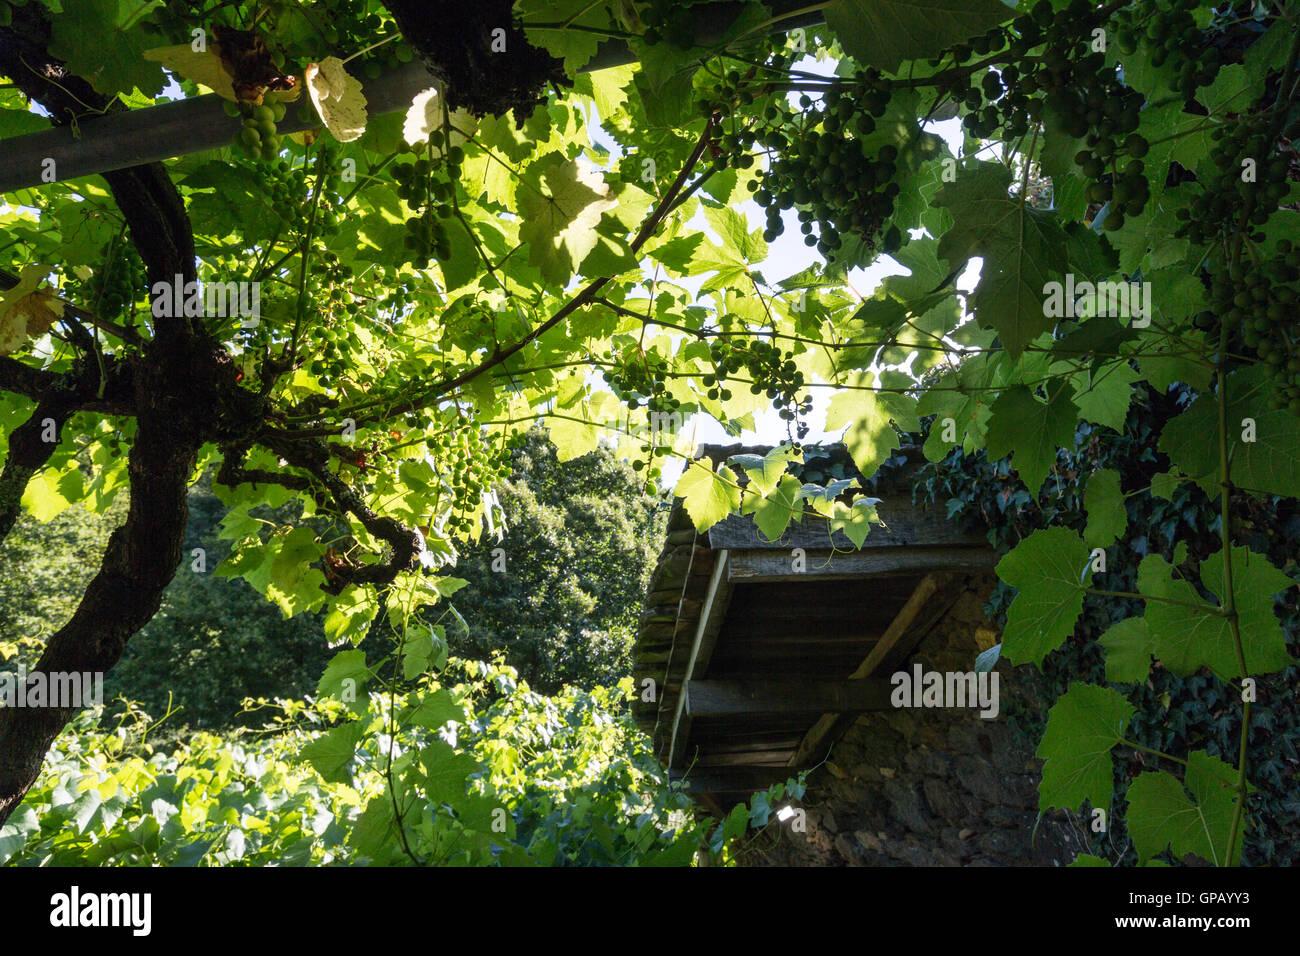 Uve di Ribera Sacra fare nel fiume Miño Paradela, provincia di Lugo, Galizia, Spagna Immagini Stock